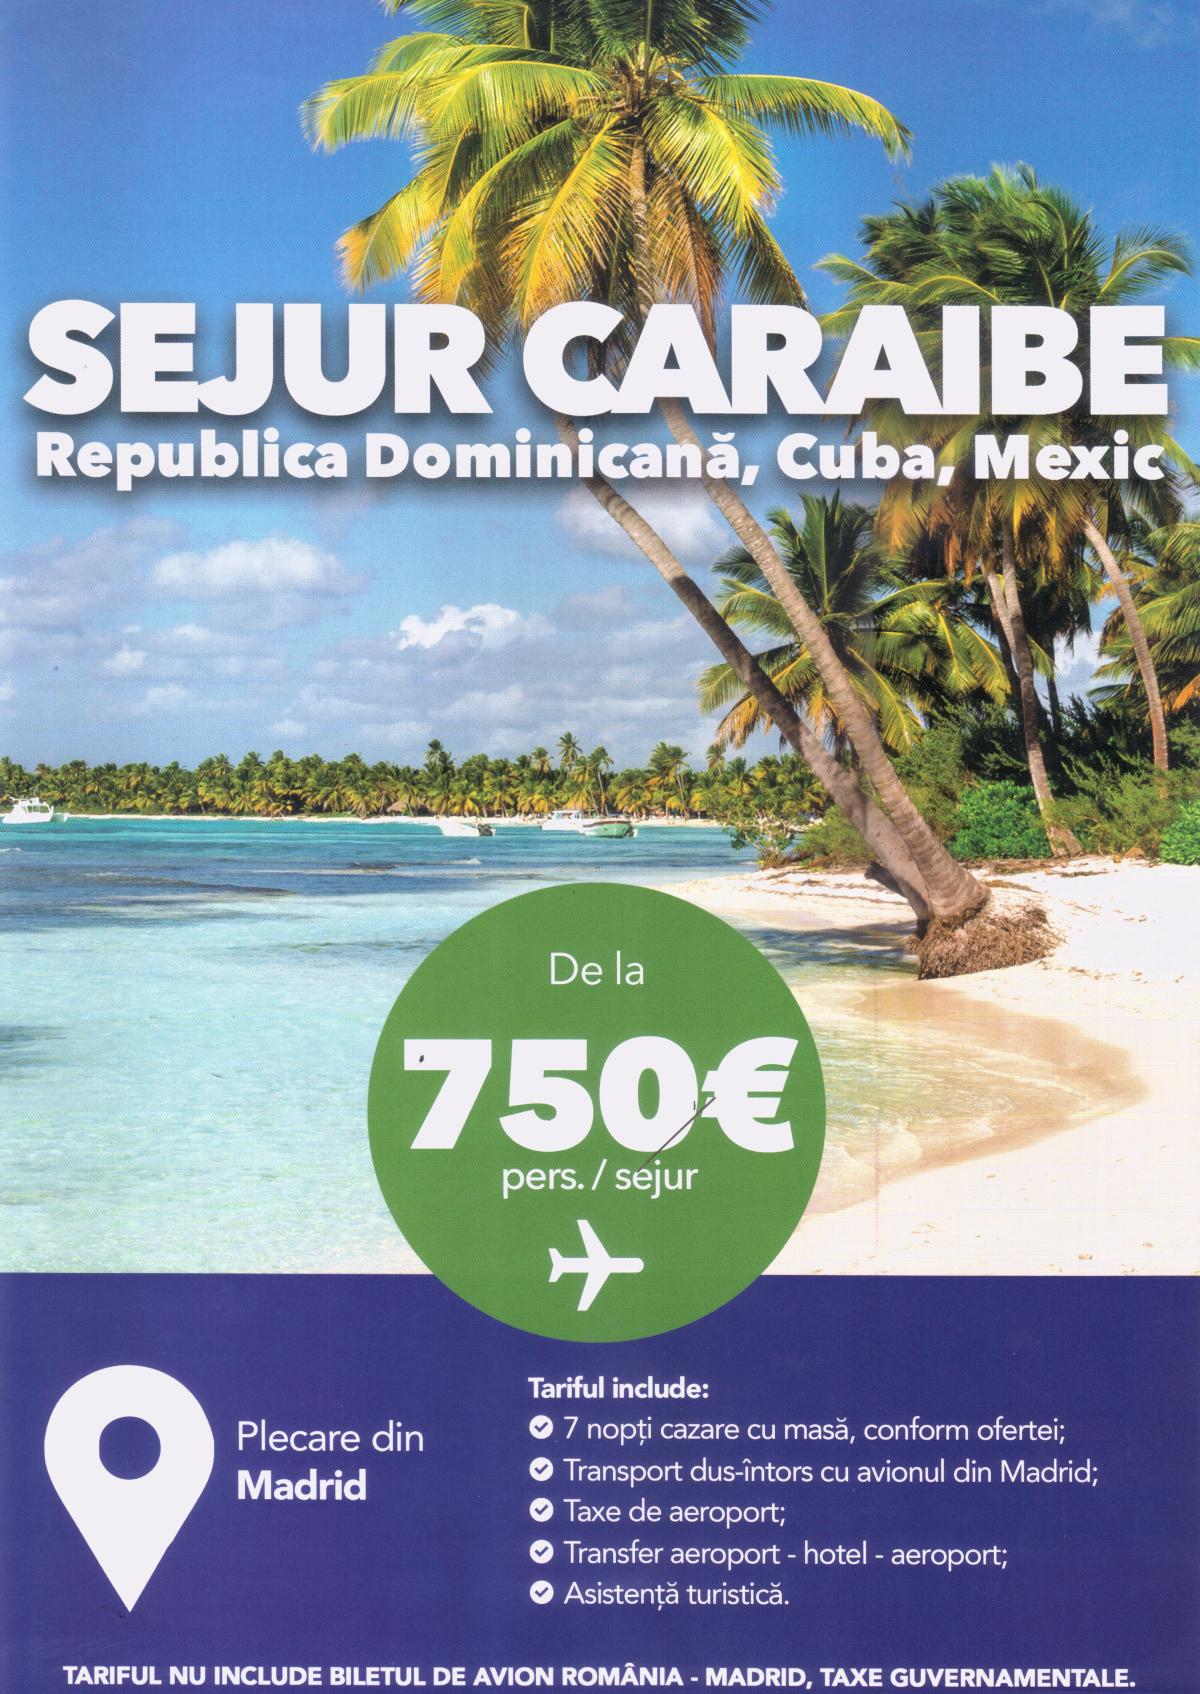 Sejur Caraibe